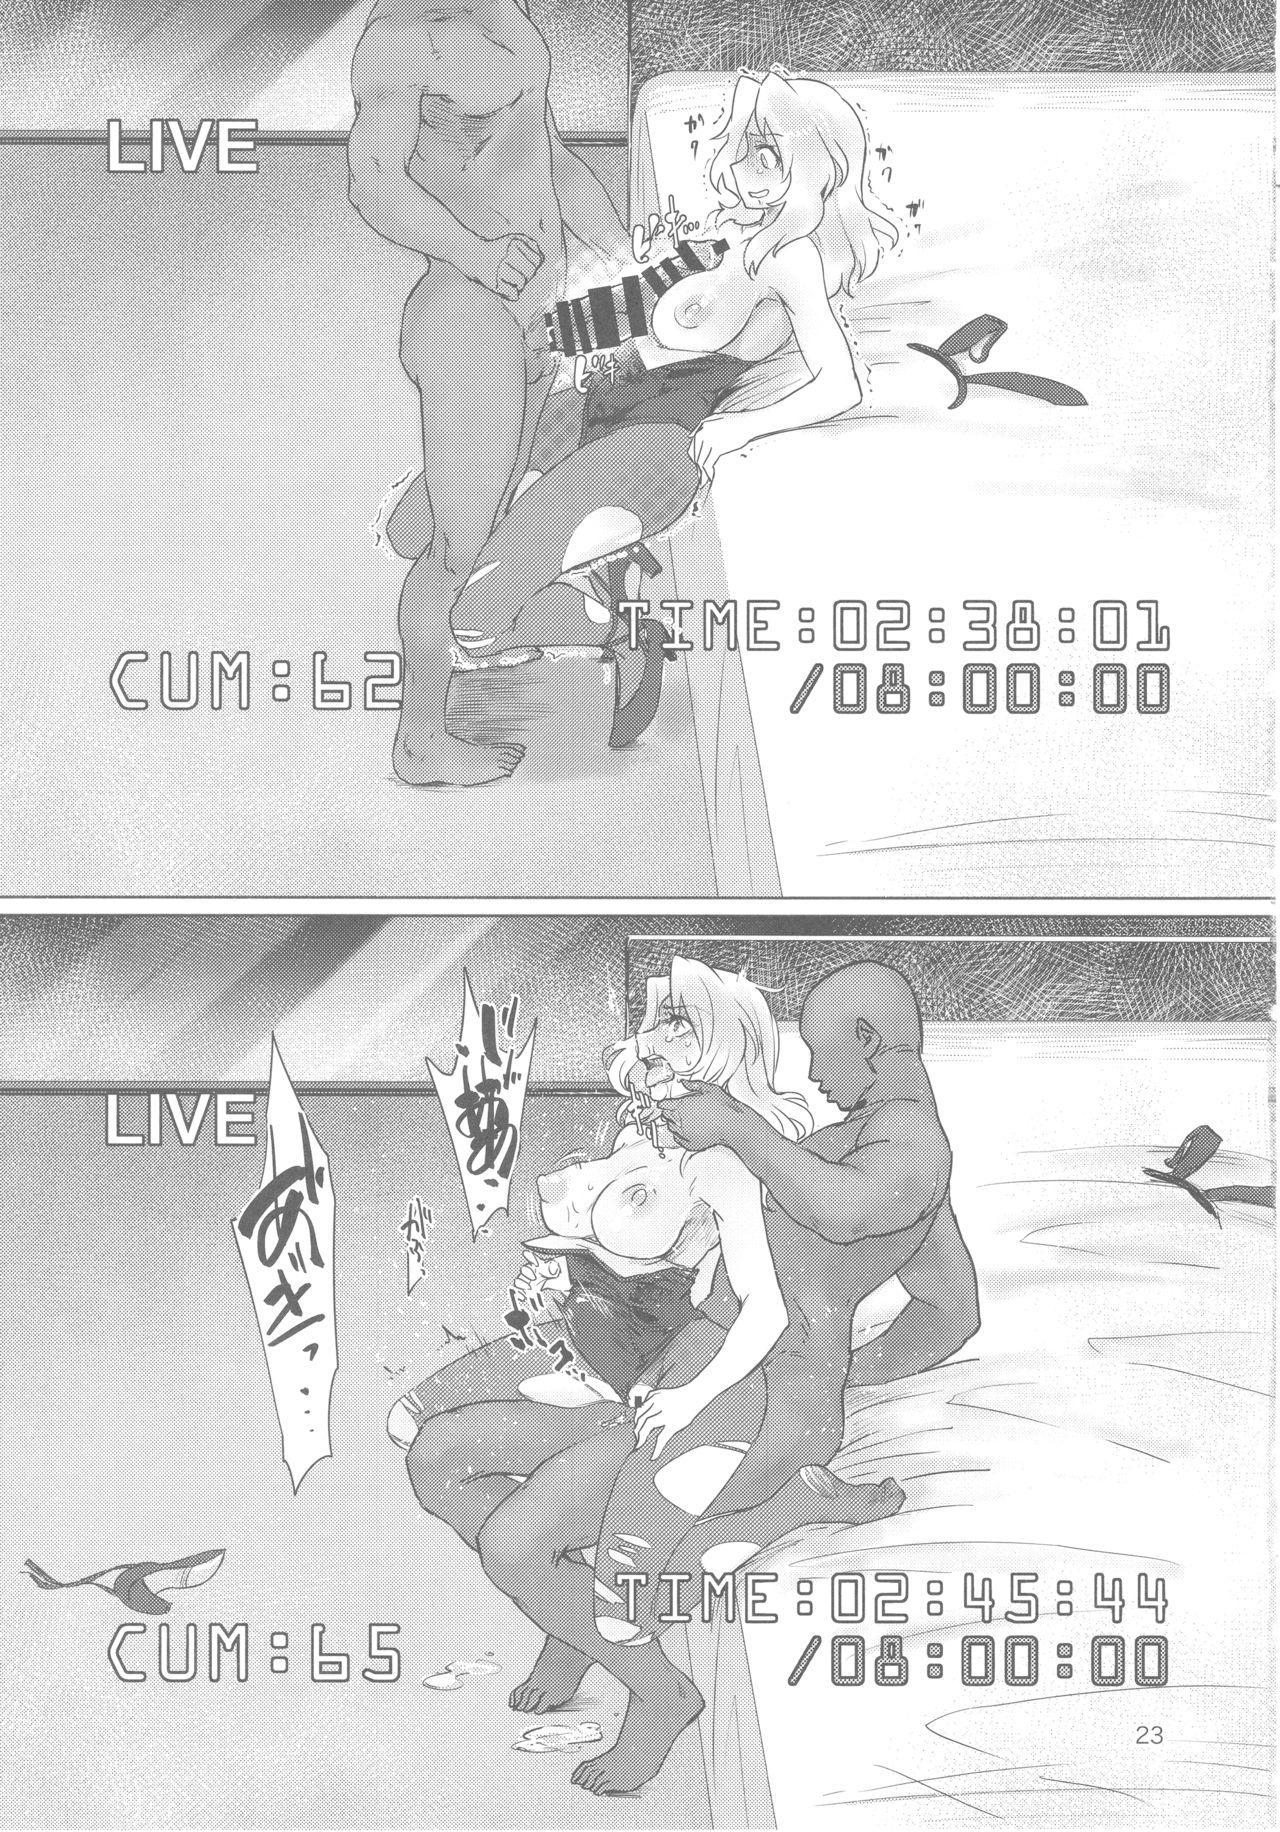 (C93) [Yakitate Jamaica (Aomushi)] Renzoku Taikyuu 8-jikan: Okay-san ga 8-jikan Buttooshi de Taikyuu Ecchi Suru Hon (Girls und Panzer) 22